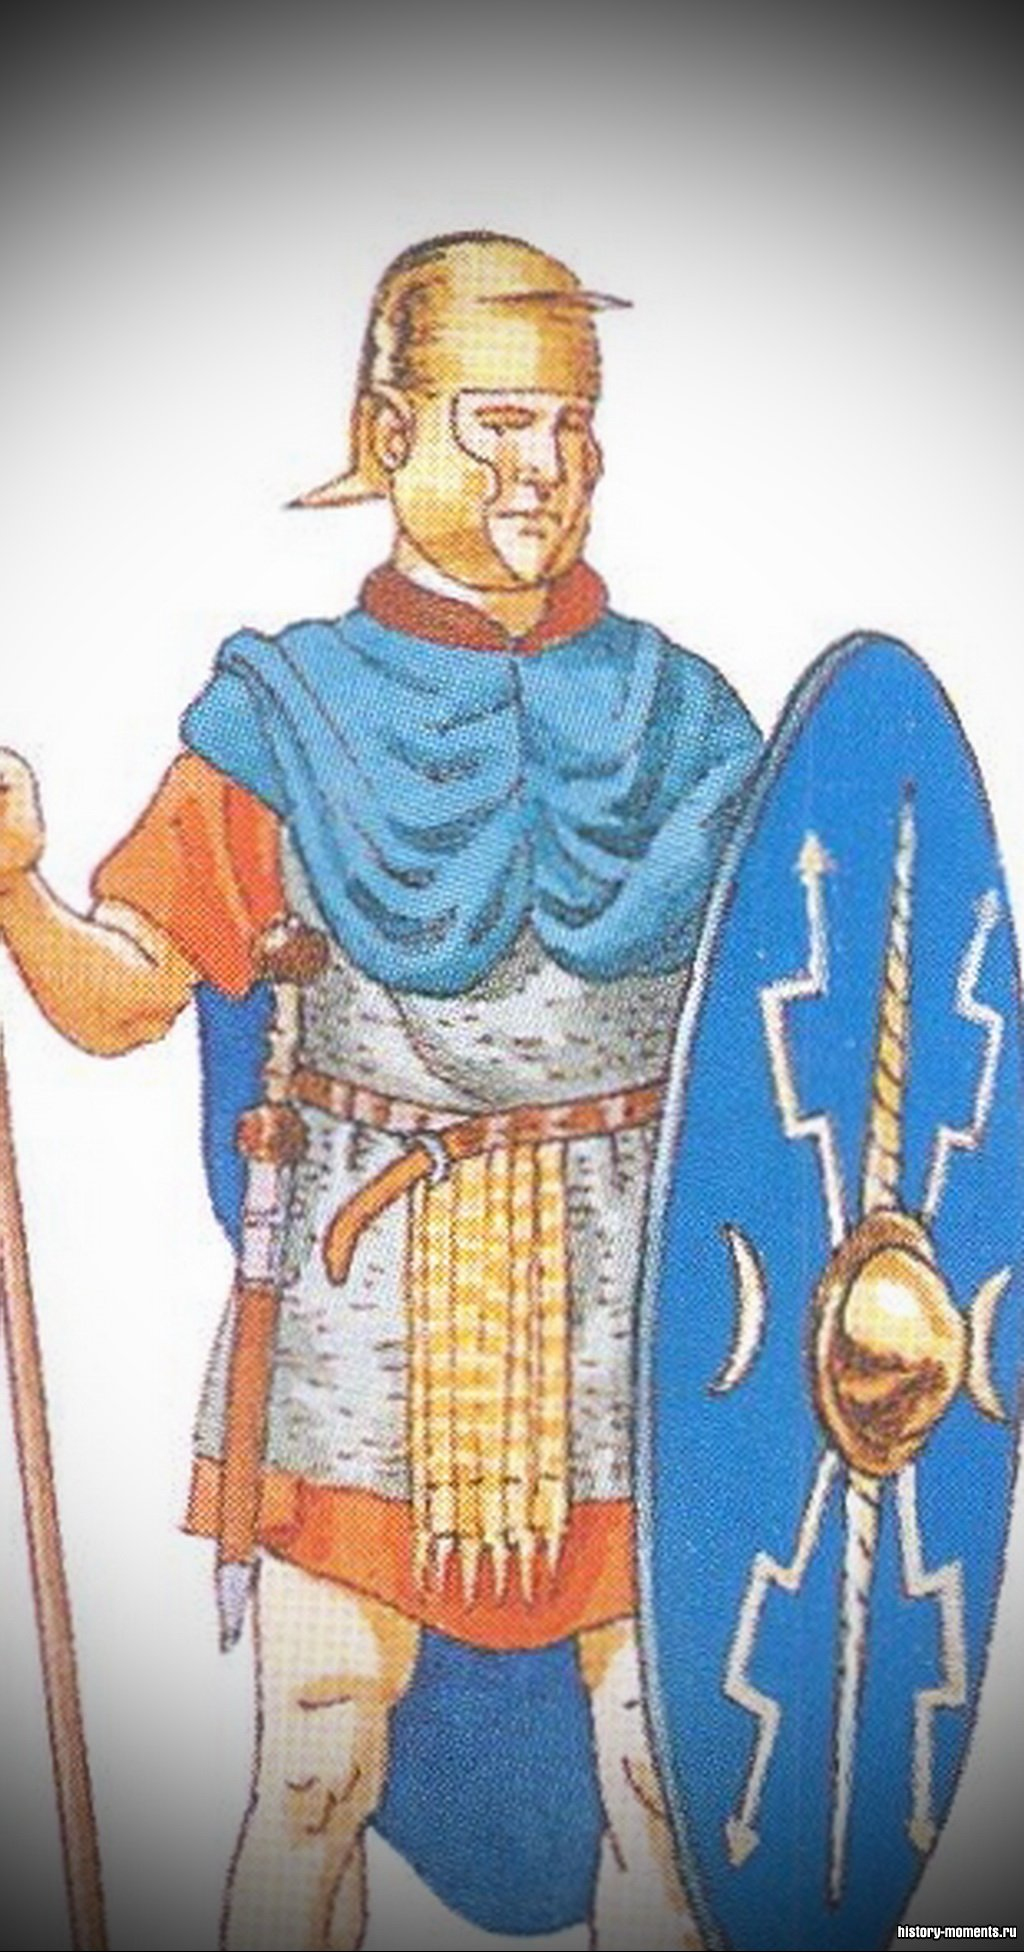 Ауксилиарии -вспомогательные войска легиона, защищавшие фланги. Состояли из «союзников» -италиков, этрусков, позднее из провинциалов.